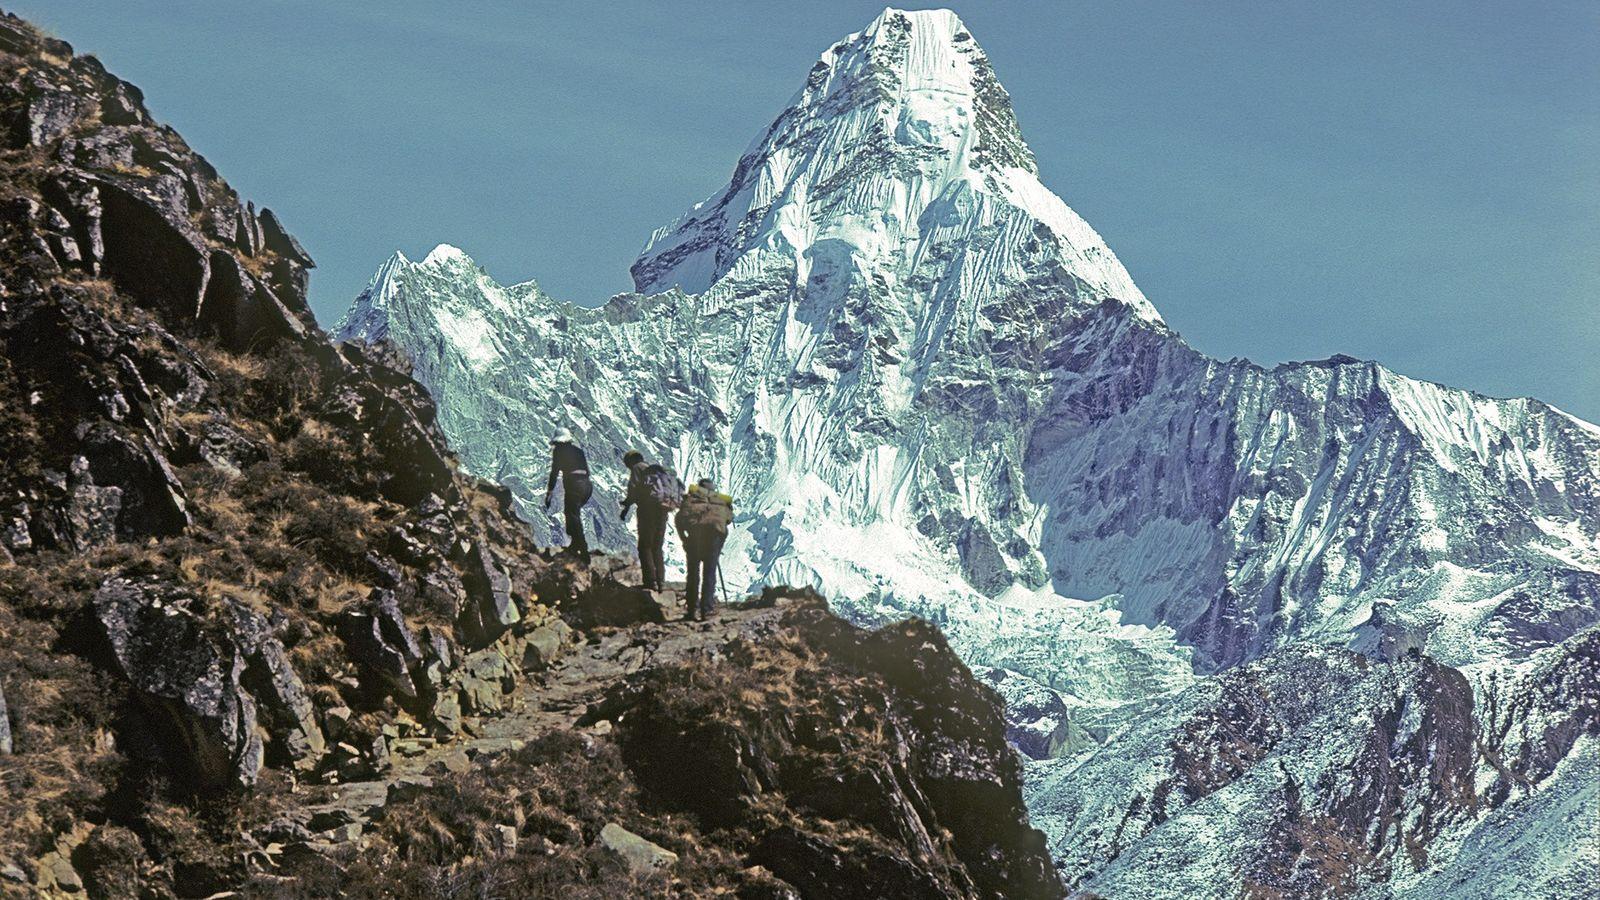 Bergsteiger auf der Hauptroute zum Mount Everest. Sie passieren den wunderschönen, 6.812 Meter hohen Ama Dabla. ...